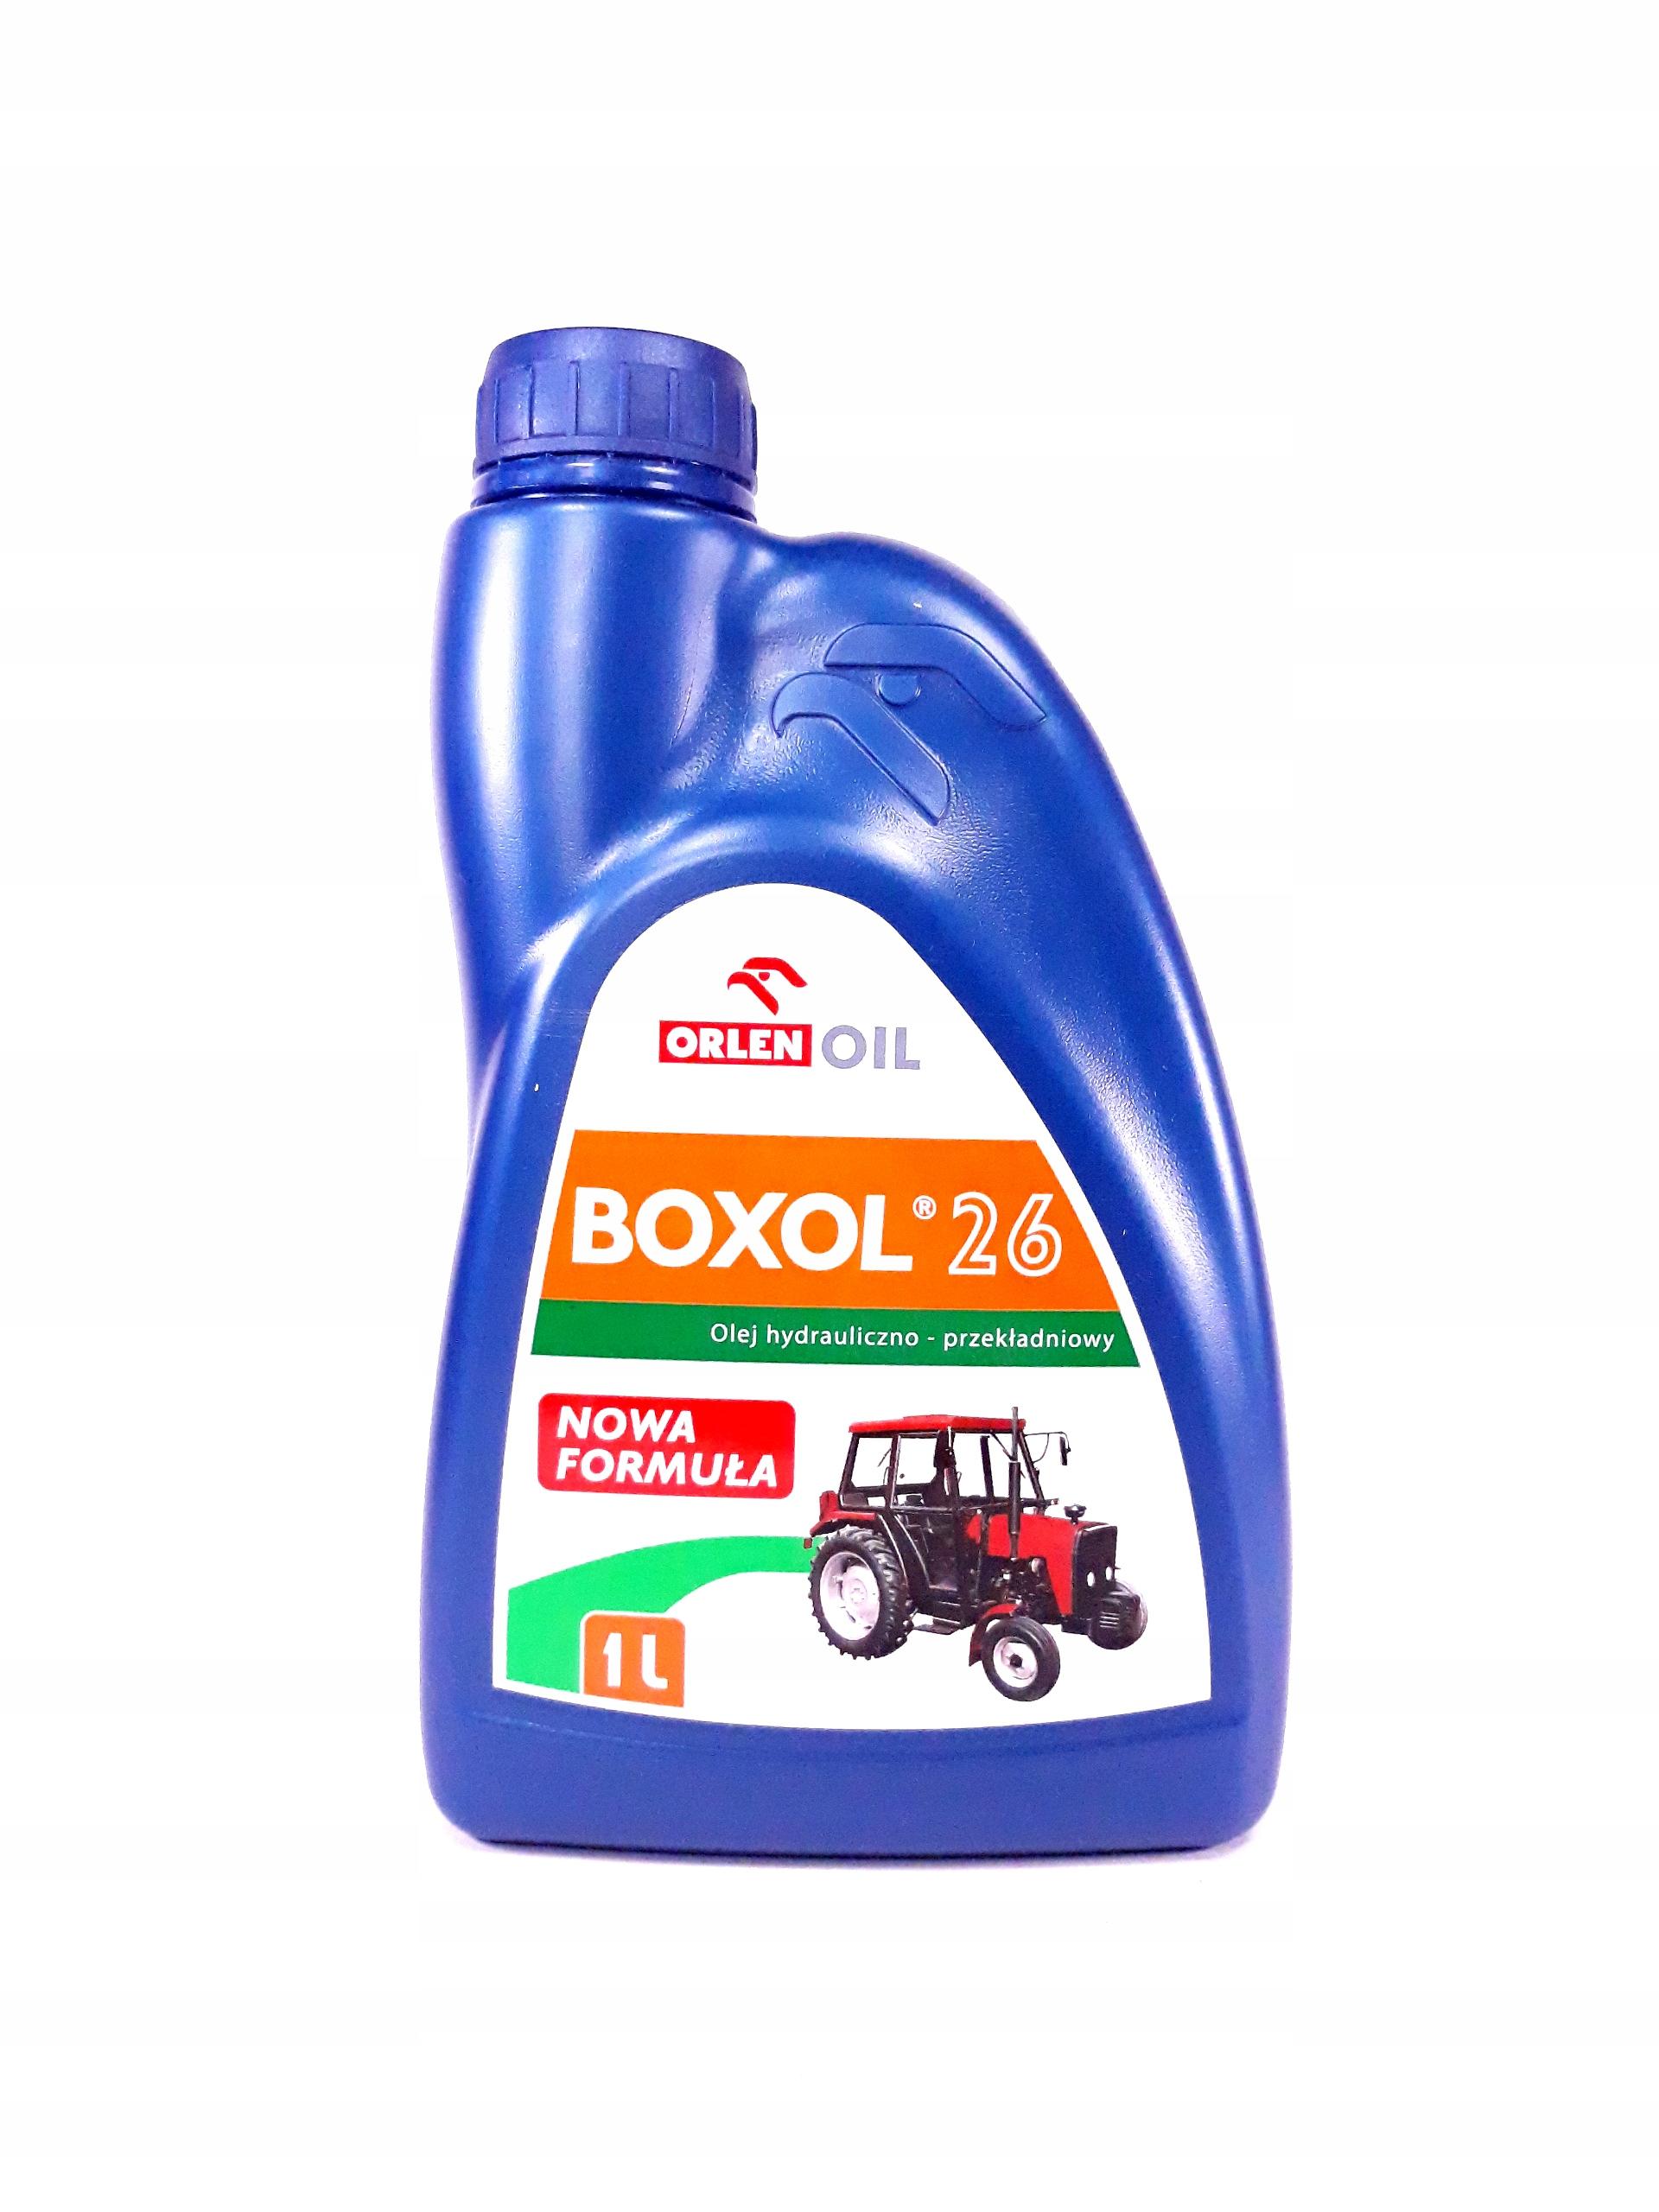 Гидравлическое трансмиссионное масло Orlen BOXOL 26 1л